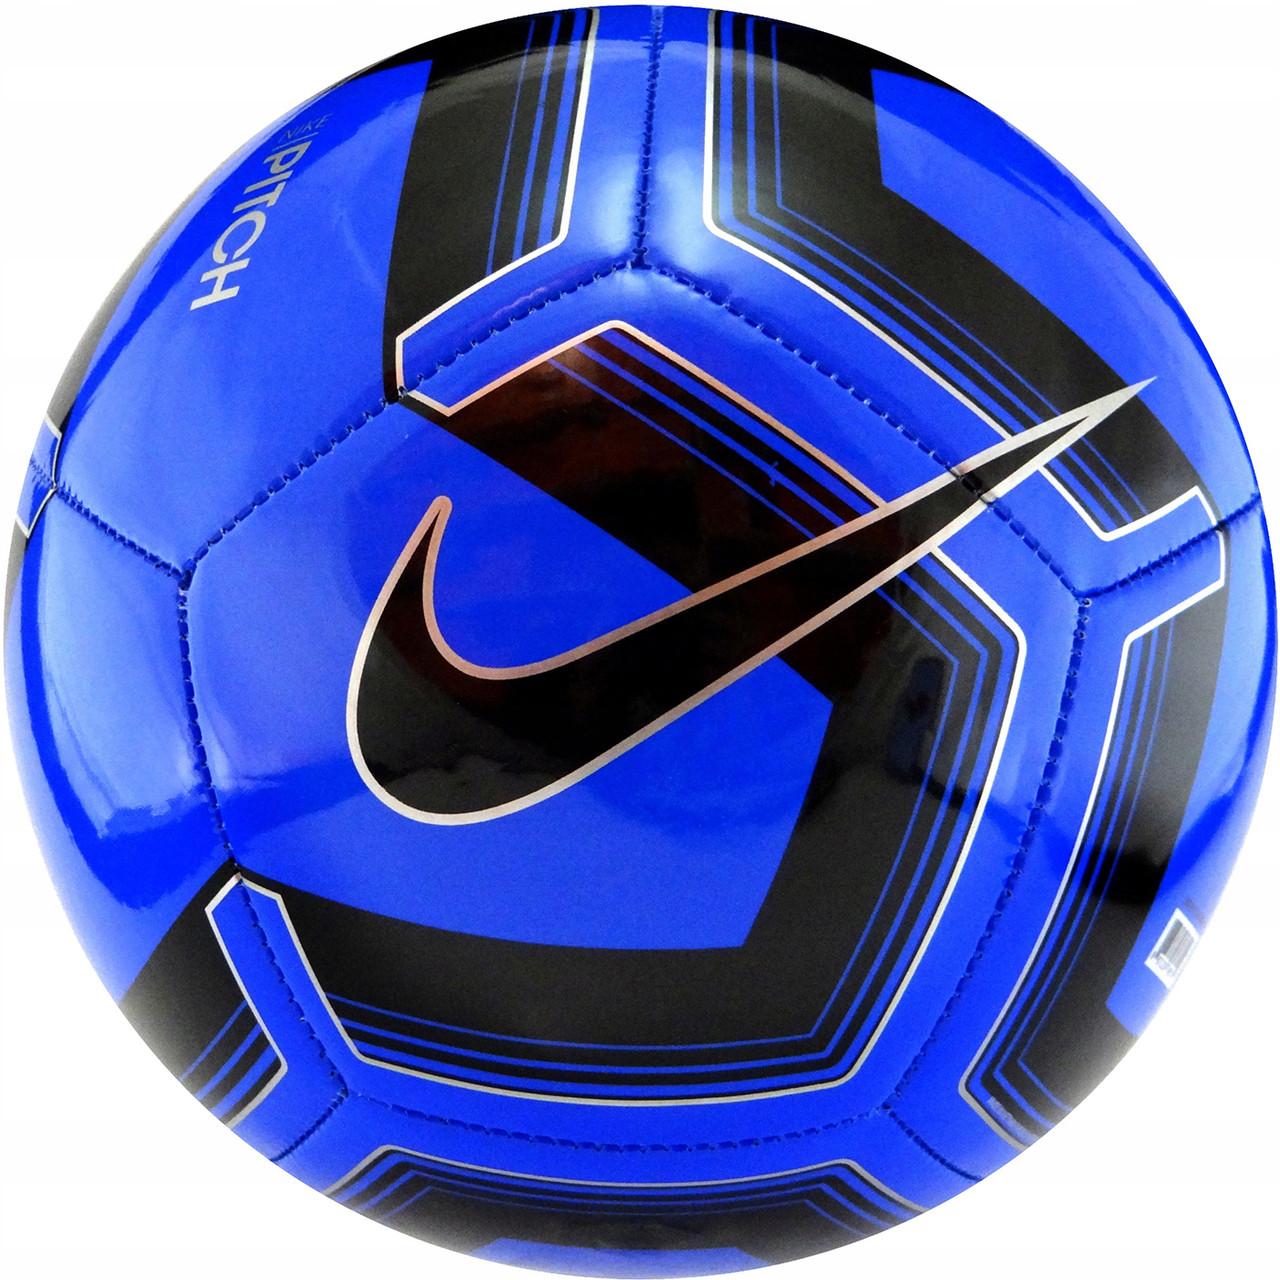 М'яч футбольний Nike Pitch Training SC3893-410 Size 5